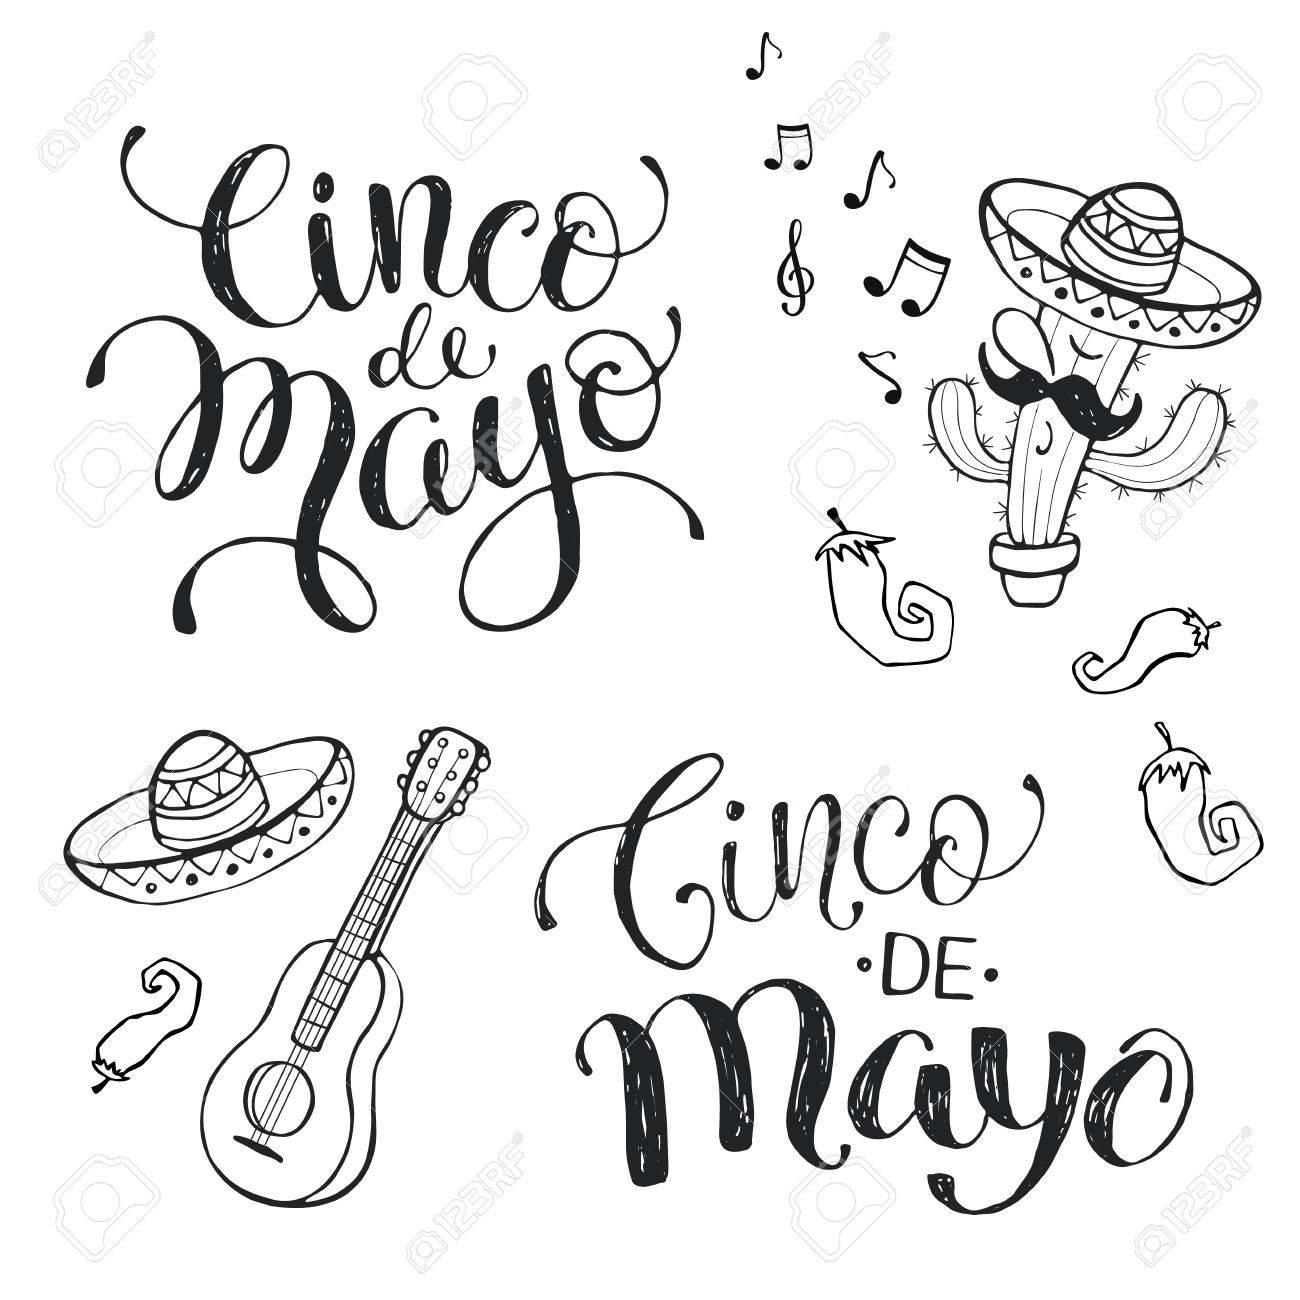 Frases Escritas A Mano Para La Celebración Mexicana Del Cinco De Mayo Cinco De Mayo Texto Aislado En El Fondo Blanco Atributos Nacional Mexicana